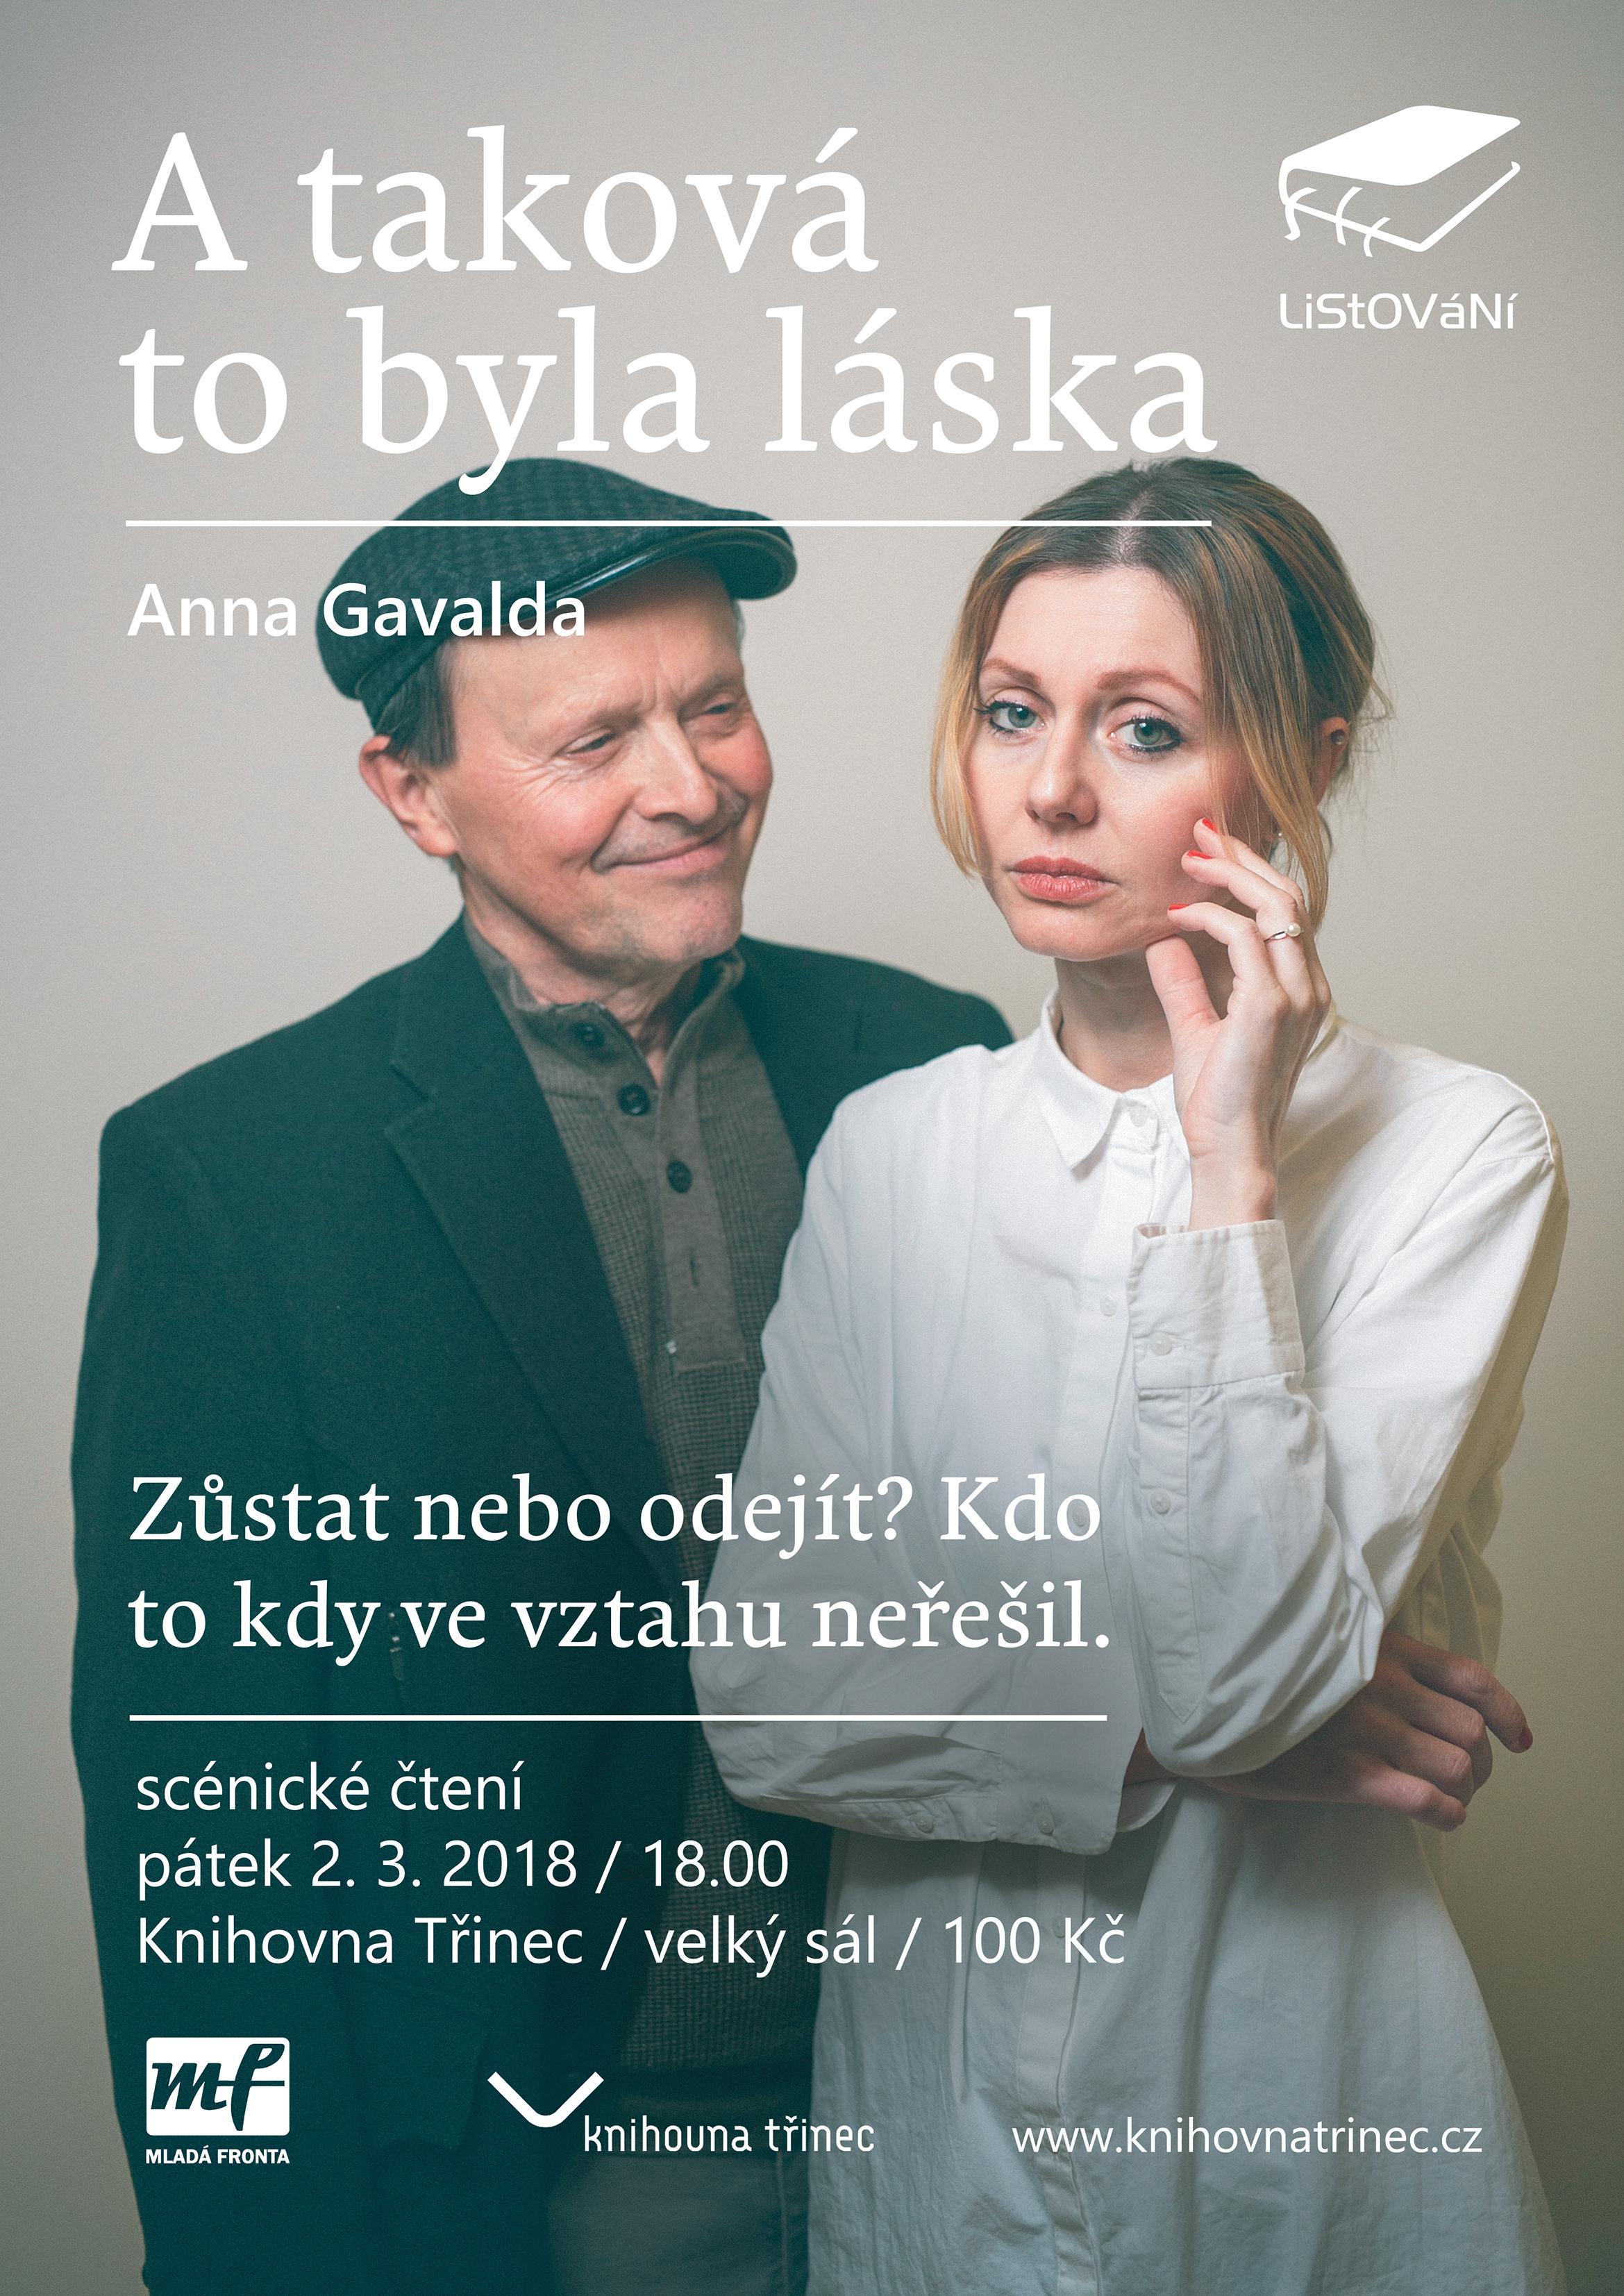 a_takova_to_byla_laska